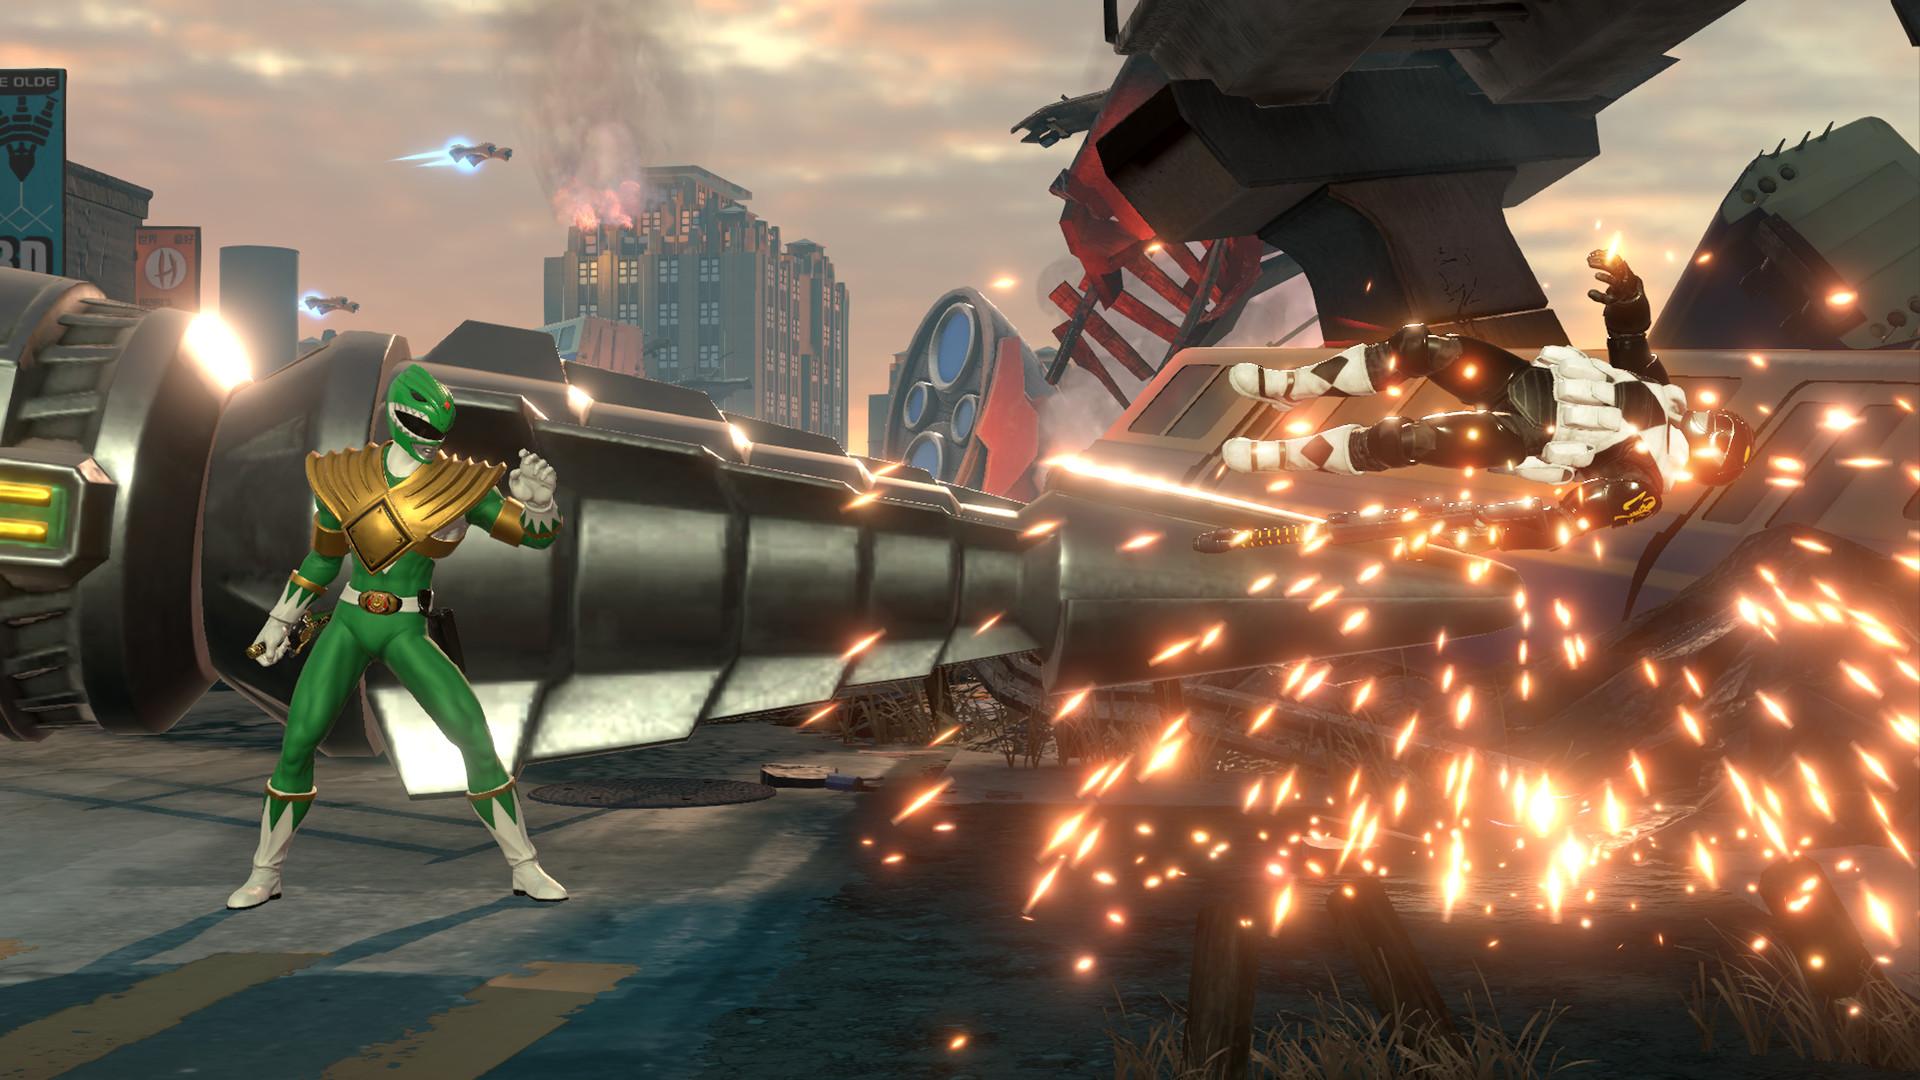 恐龙战队能量之战/Power Rangers: Battle for the Grid(超级版+全DLC)插图6